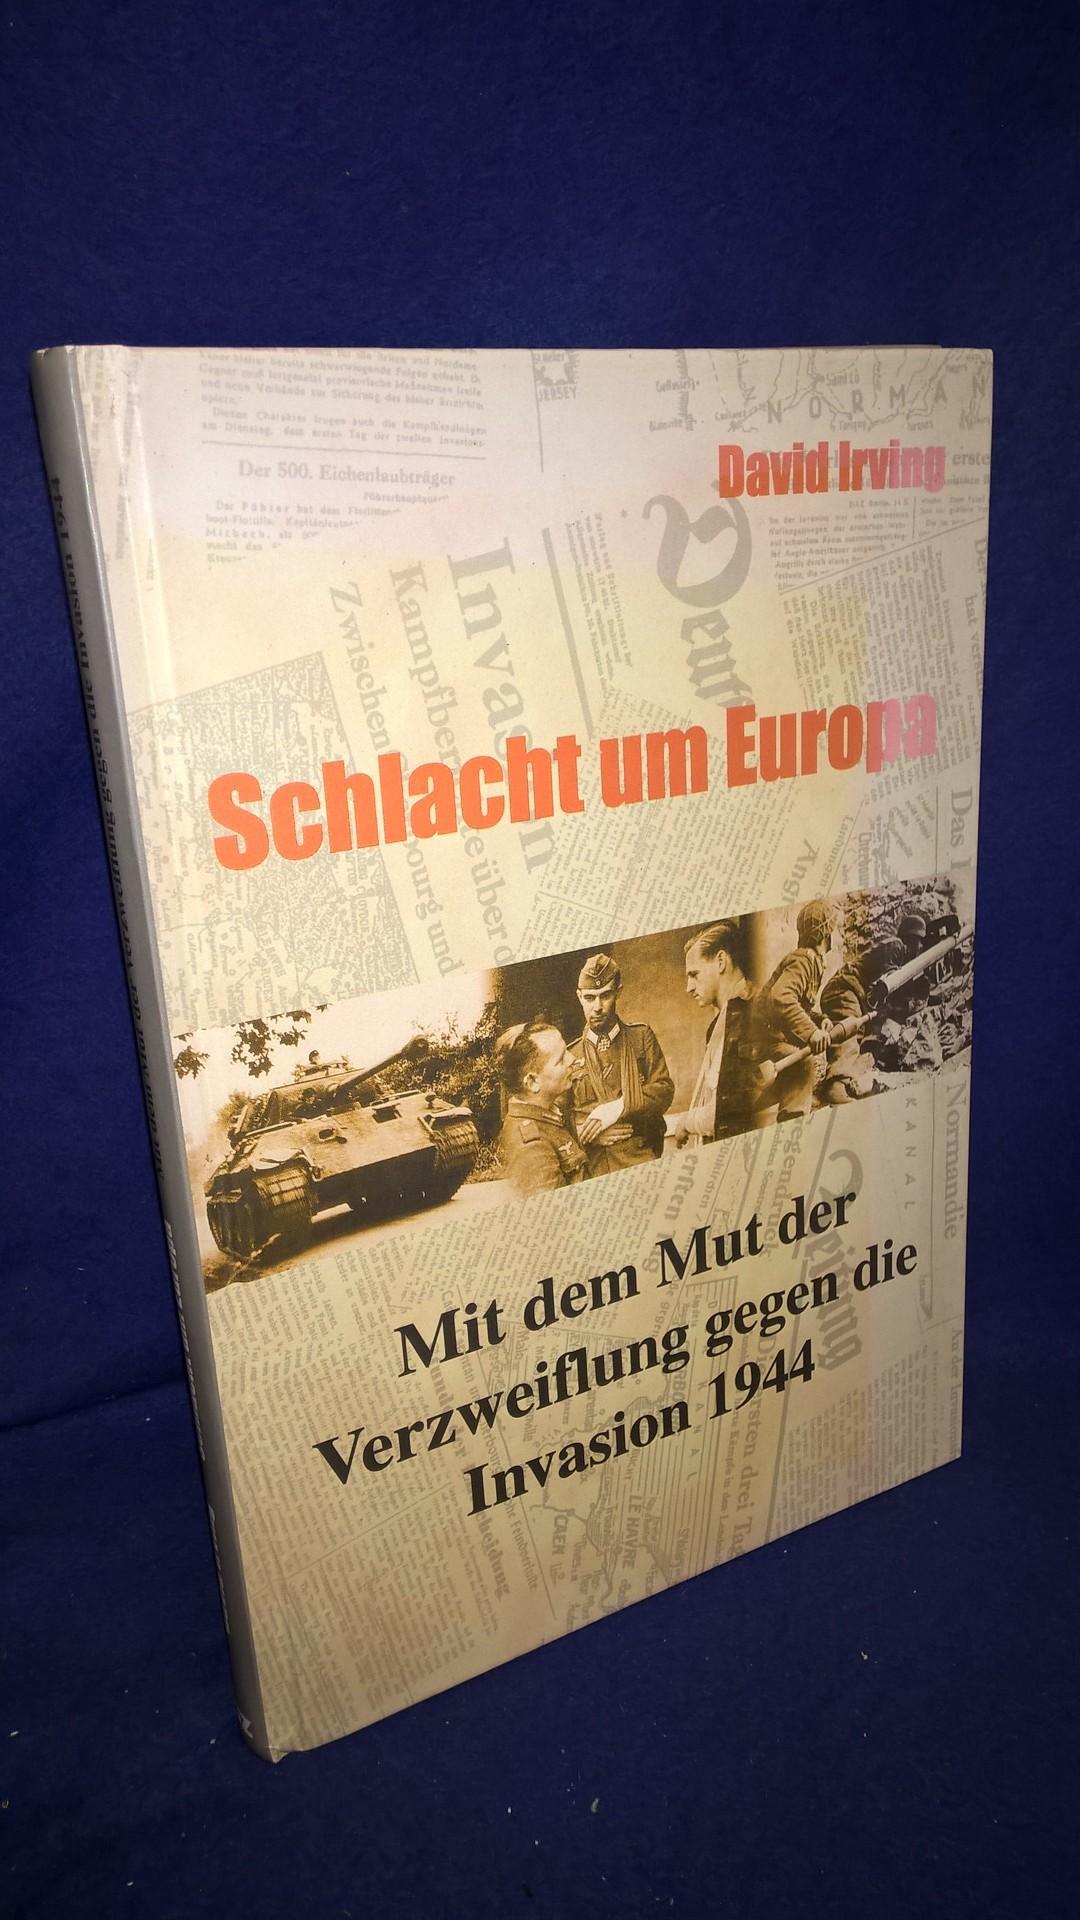 Schlacht um Europa - Mit dem Mut der Verzweiflung gegen die Invasion 1944